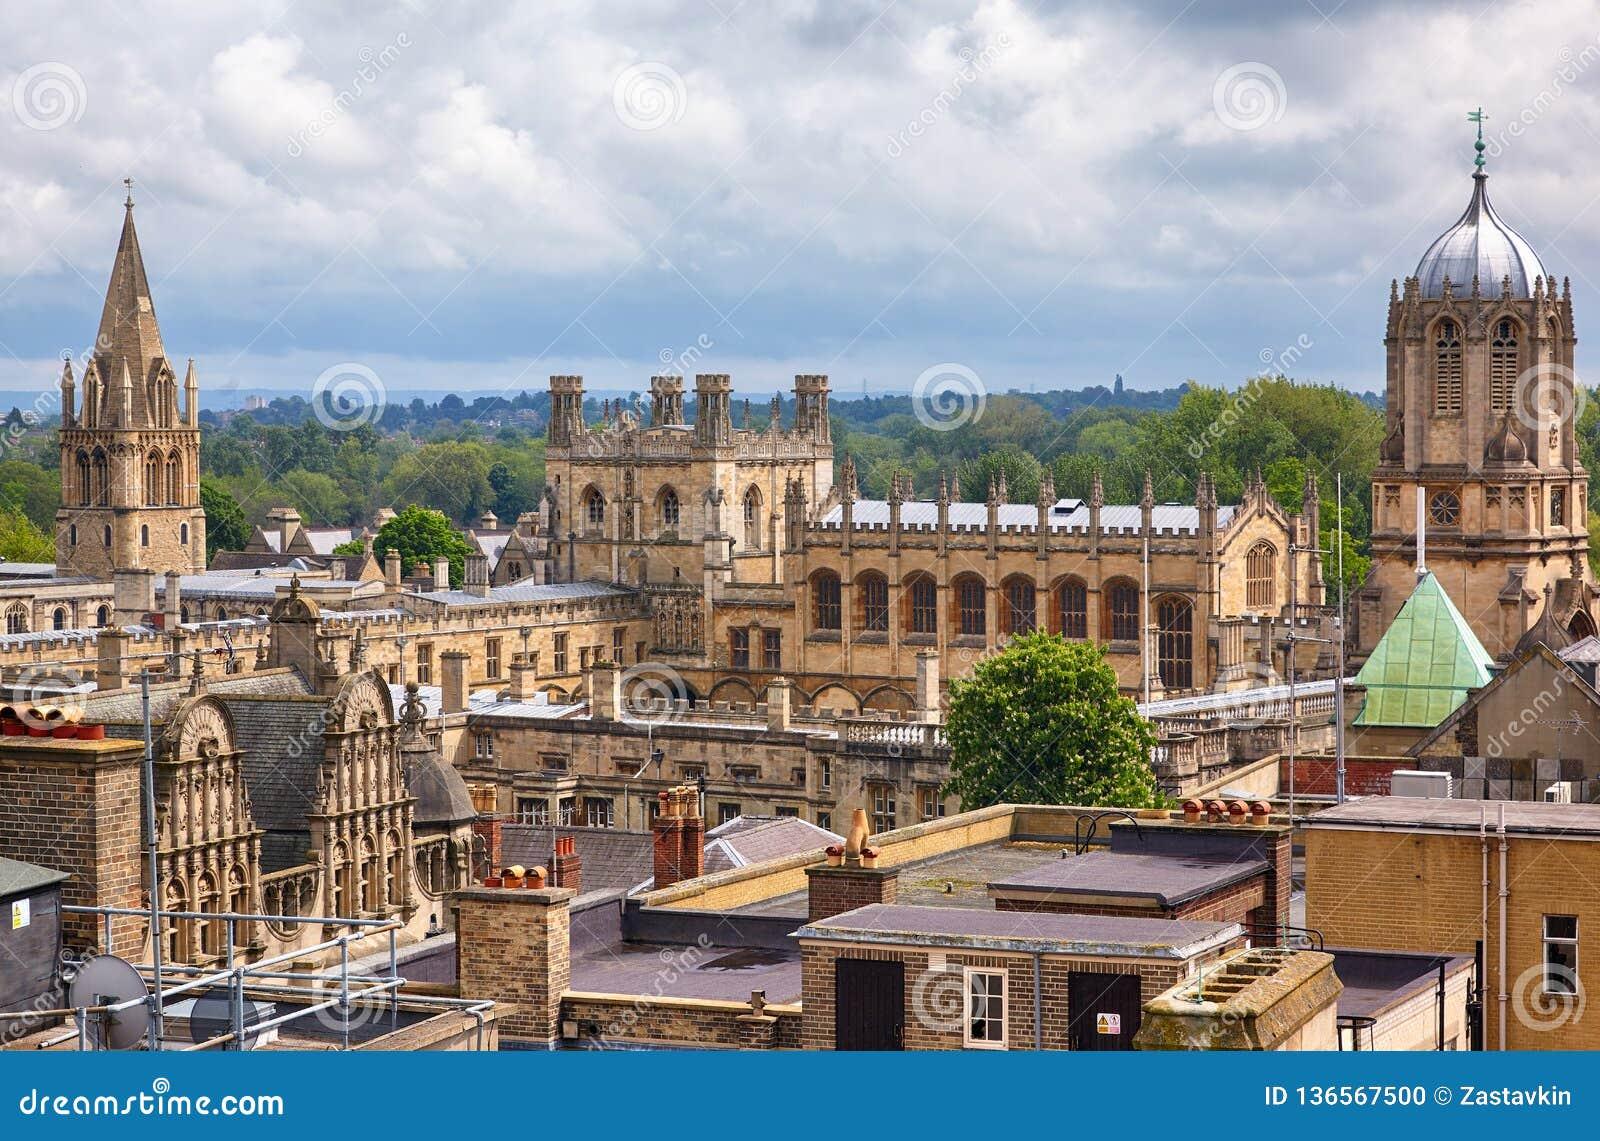 Igreja de Cristo como visto da parte superior da torre de Carfax Universidade de Oxford inglaterra